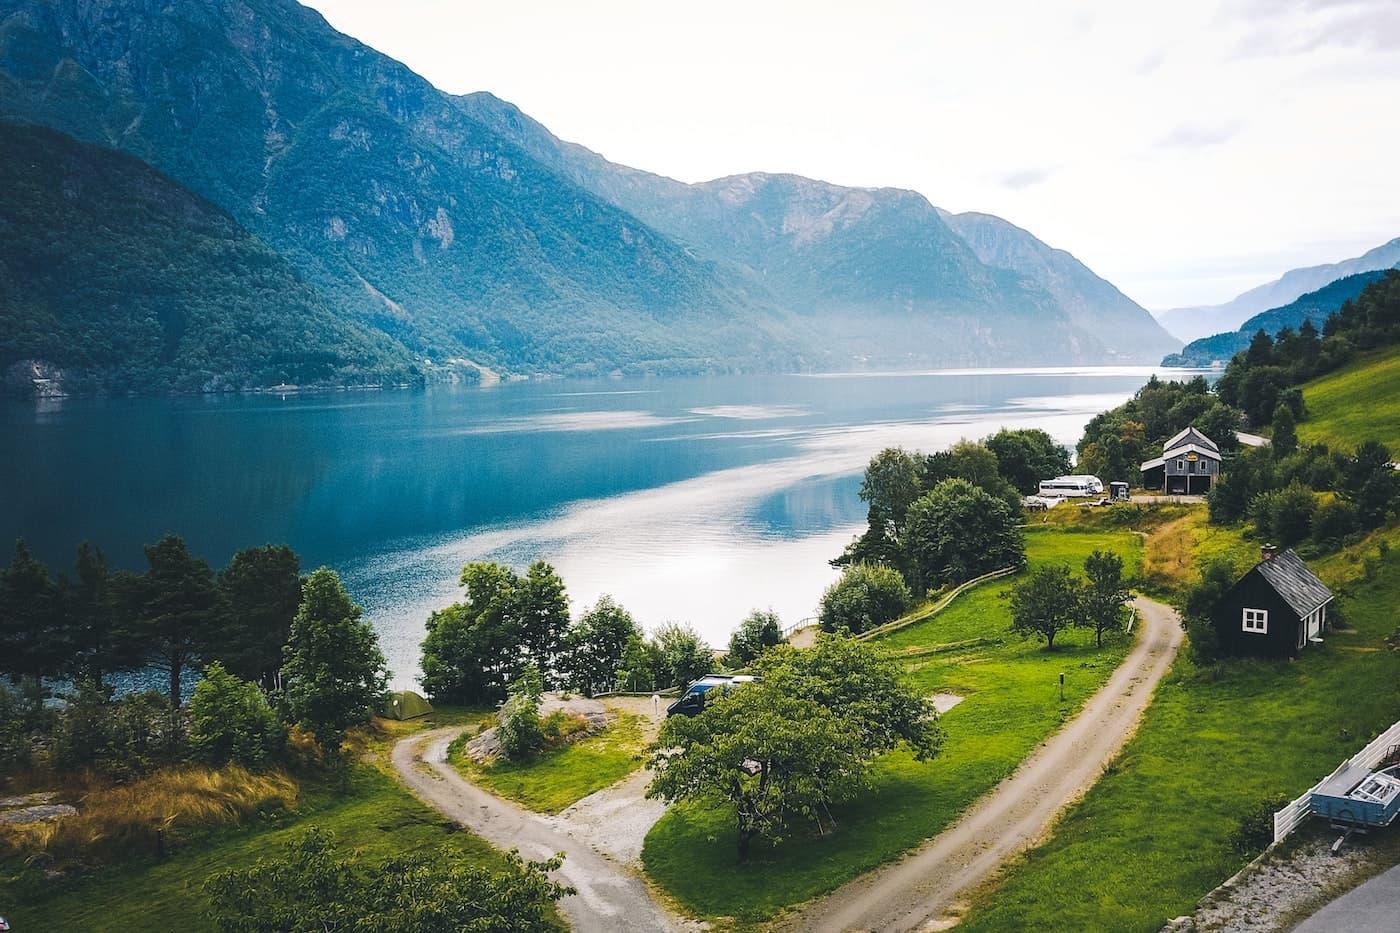 Wohnmobil-Tour Vorschlag Skandinavien